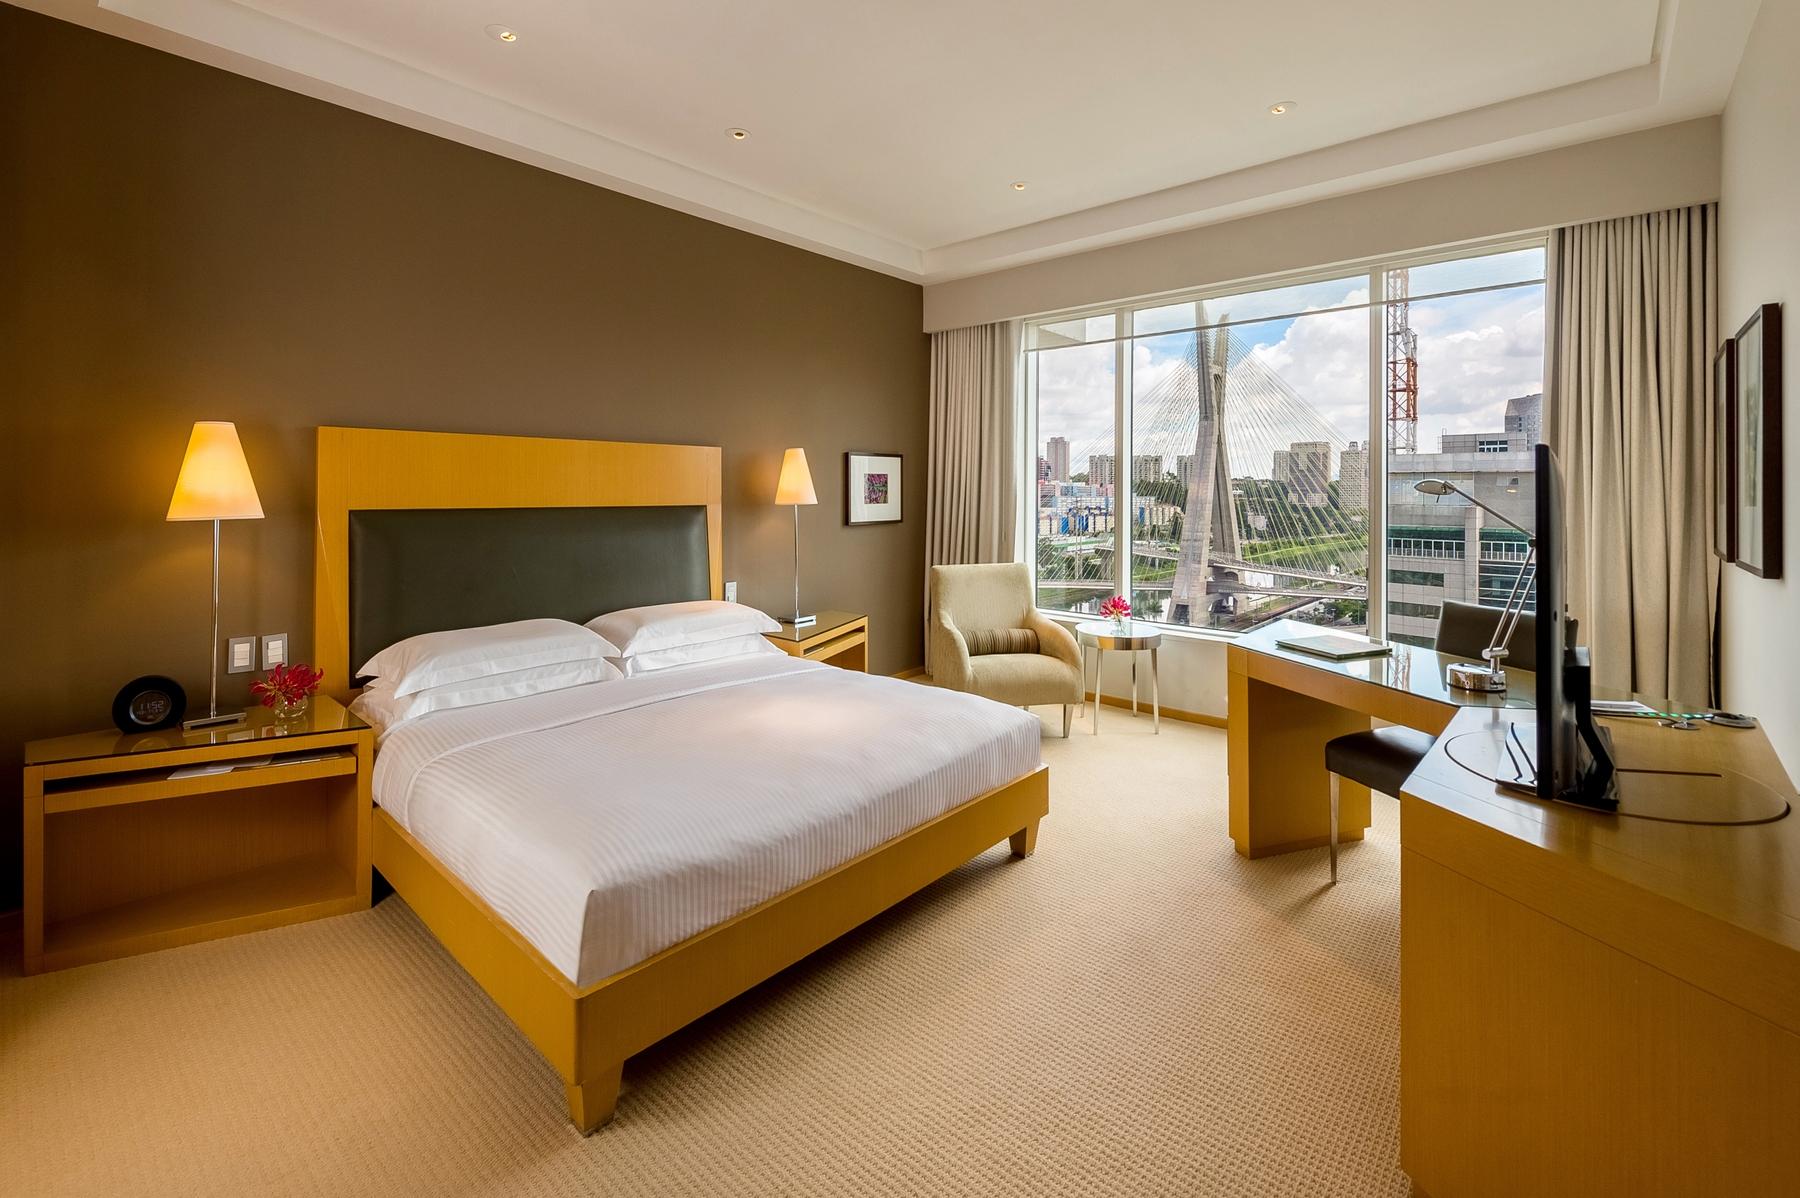 hotéis para uma viagem a trabalho